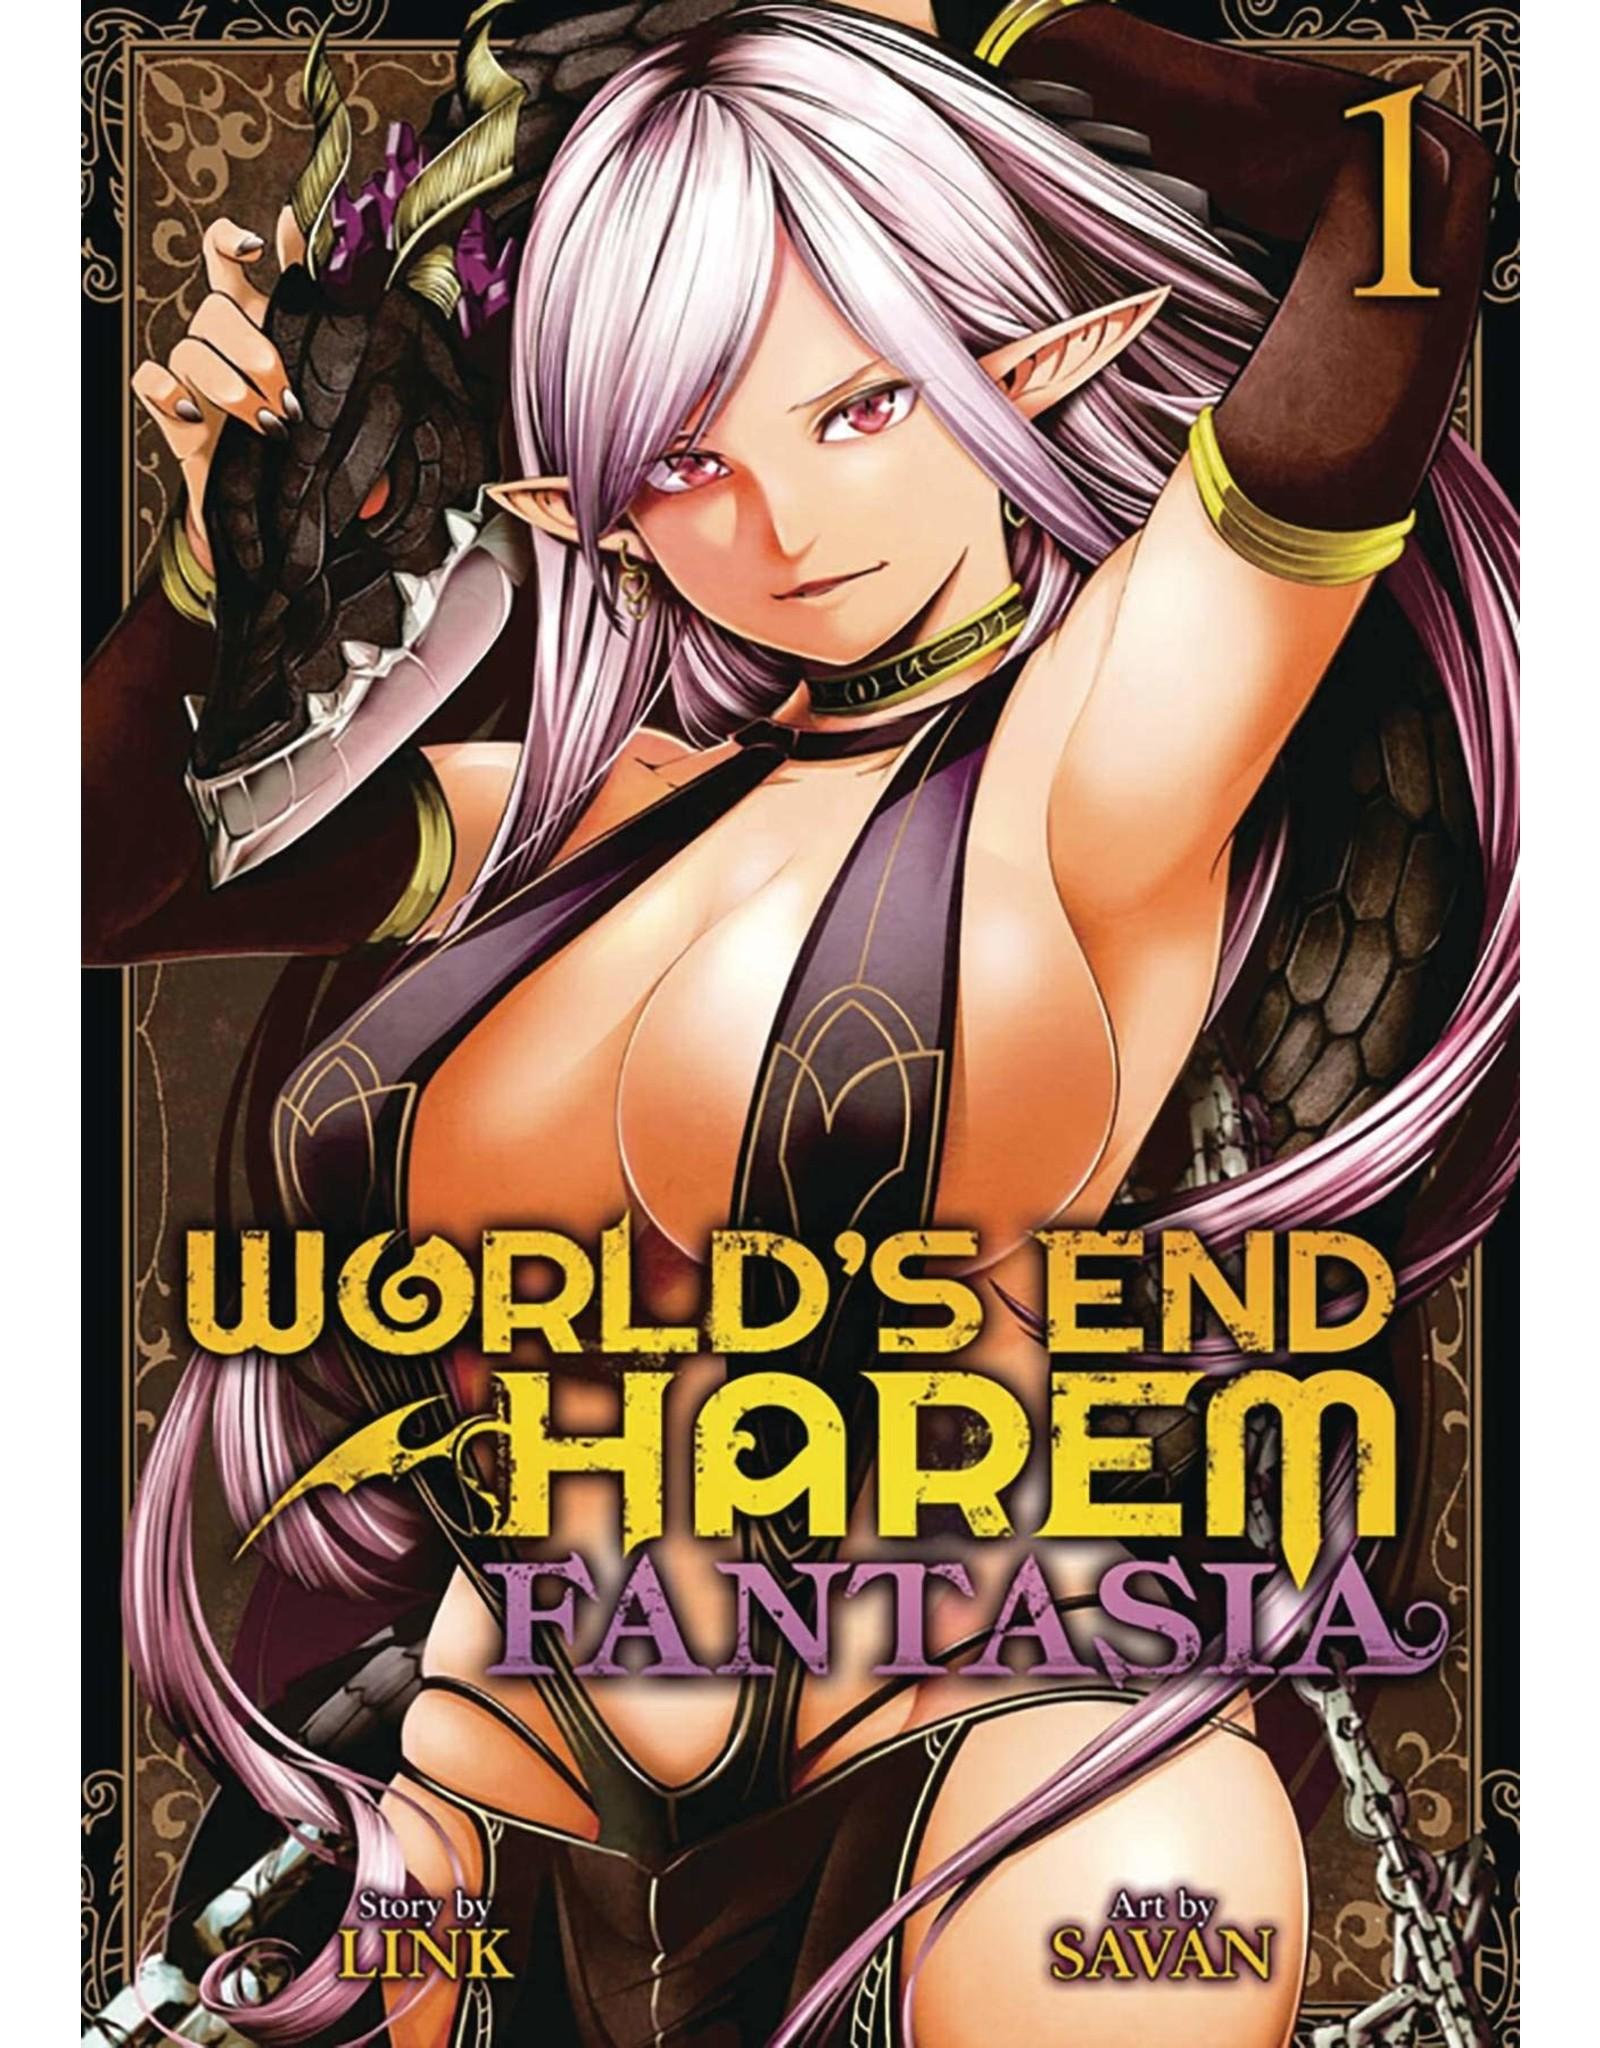 World's End Harem: Fantasia 1 (Engelstalig)